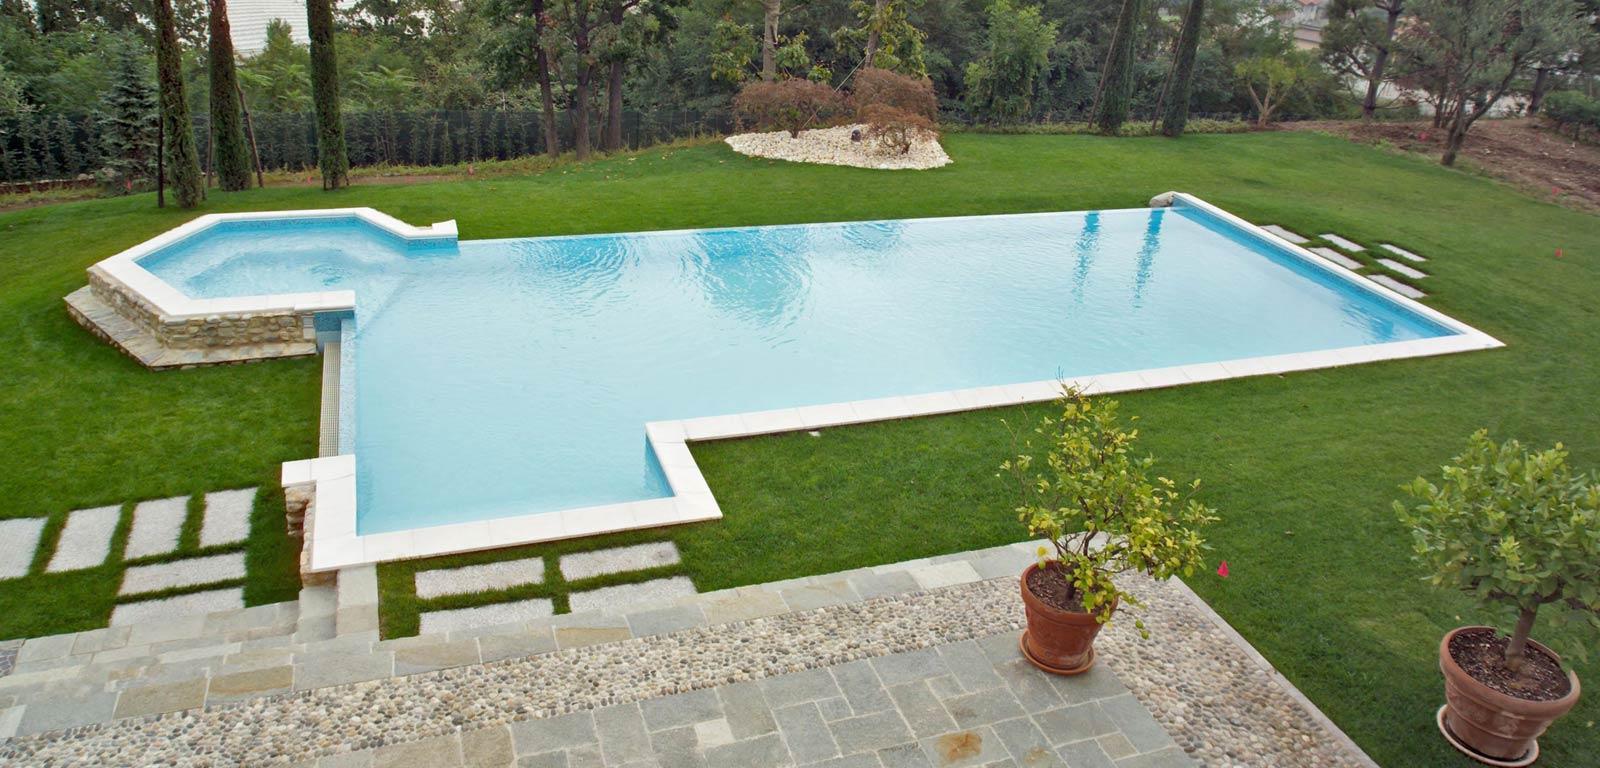 Sfioro a cascata per piscine interrate cvp italia for A forma di piani di casa con piscina